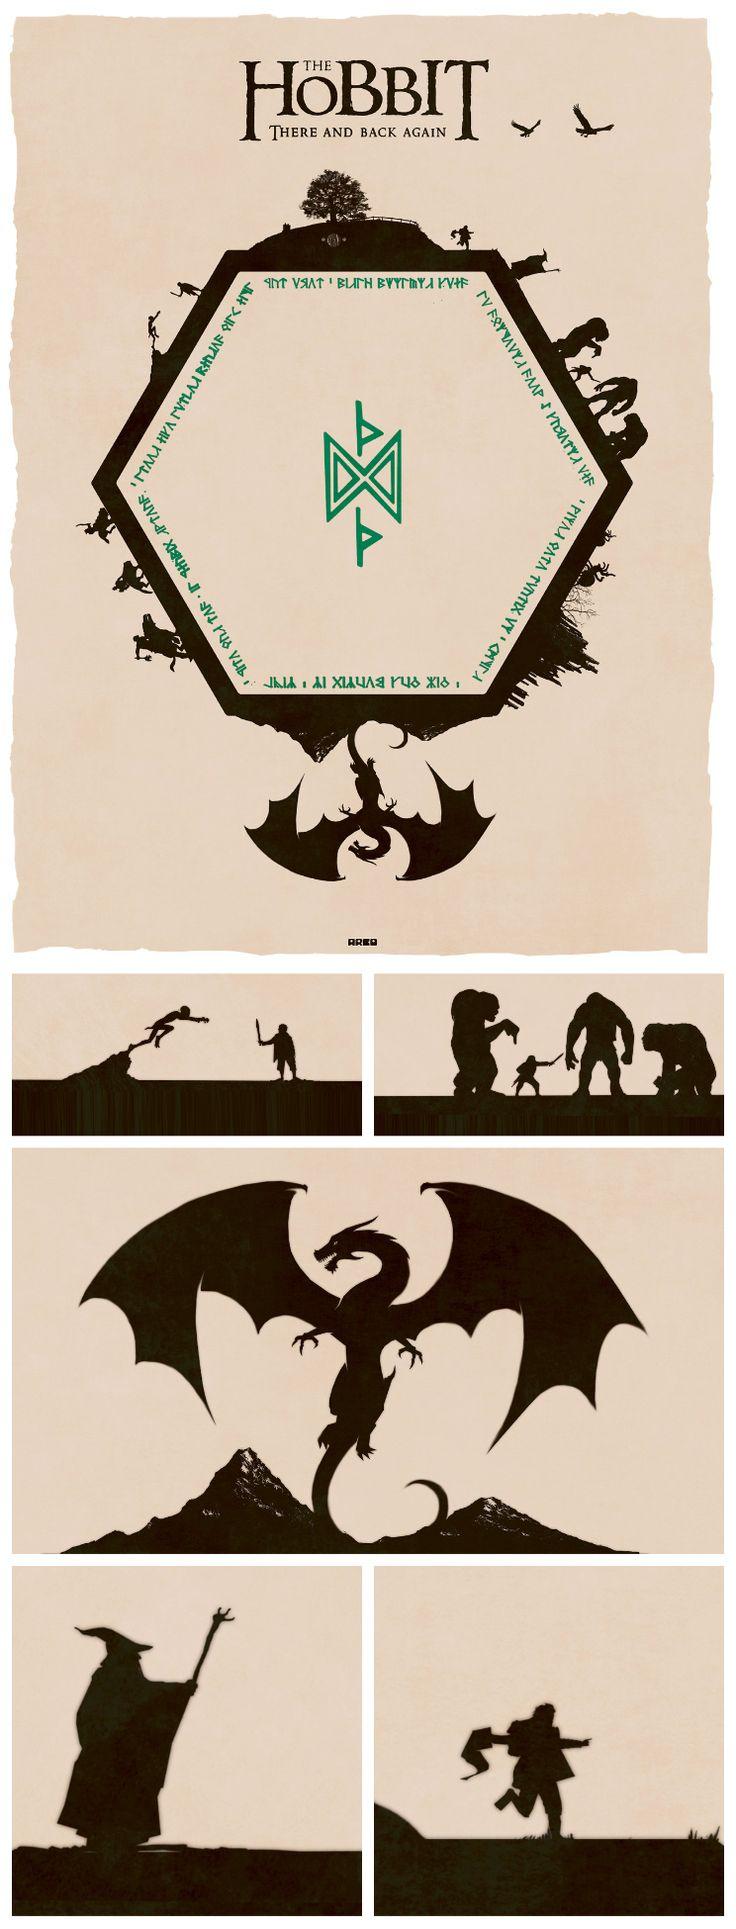 The Hobbit by Matt Ferguson